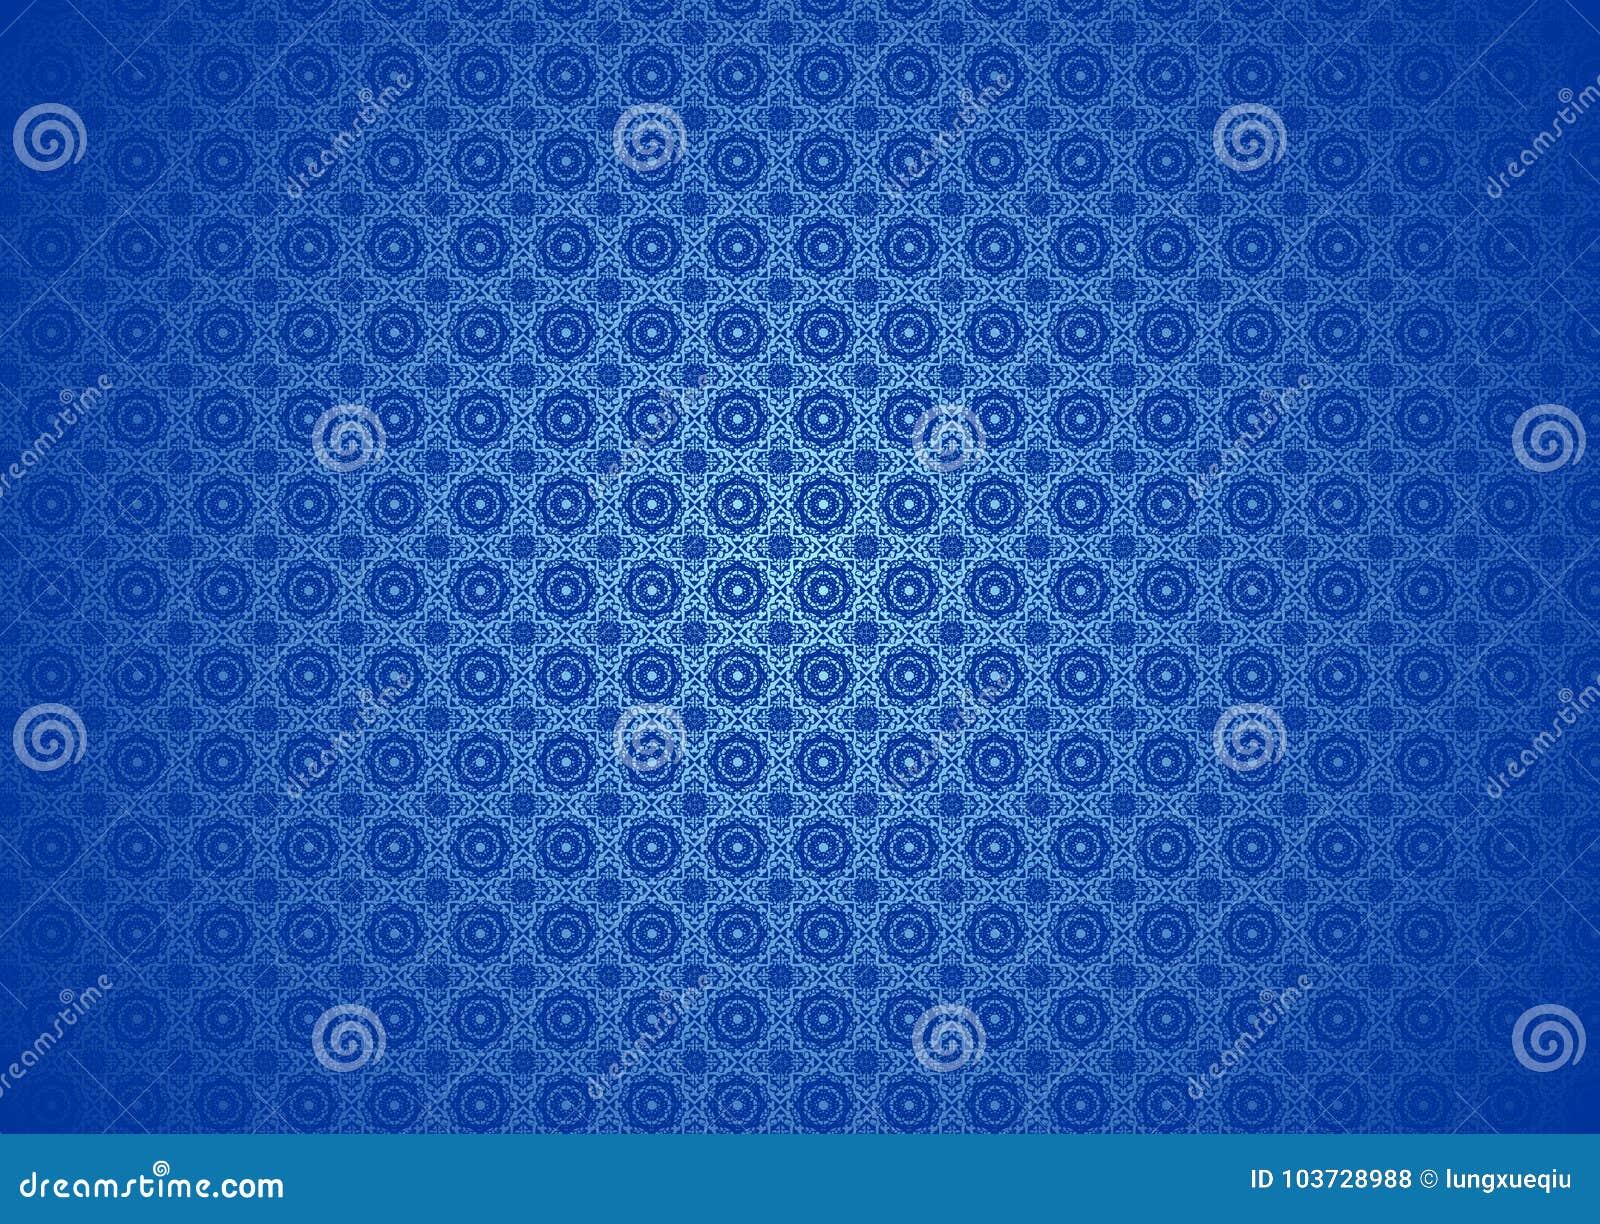 Nature florale orientale, ornemental, chinois, arabe, islamique, Imlek, Ramadan, papier peint bleu de fond de texture de modèle d